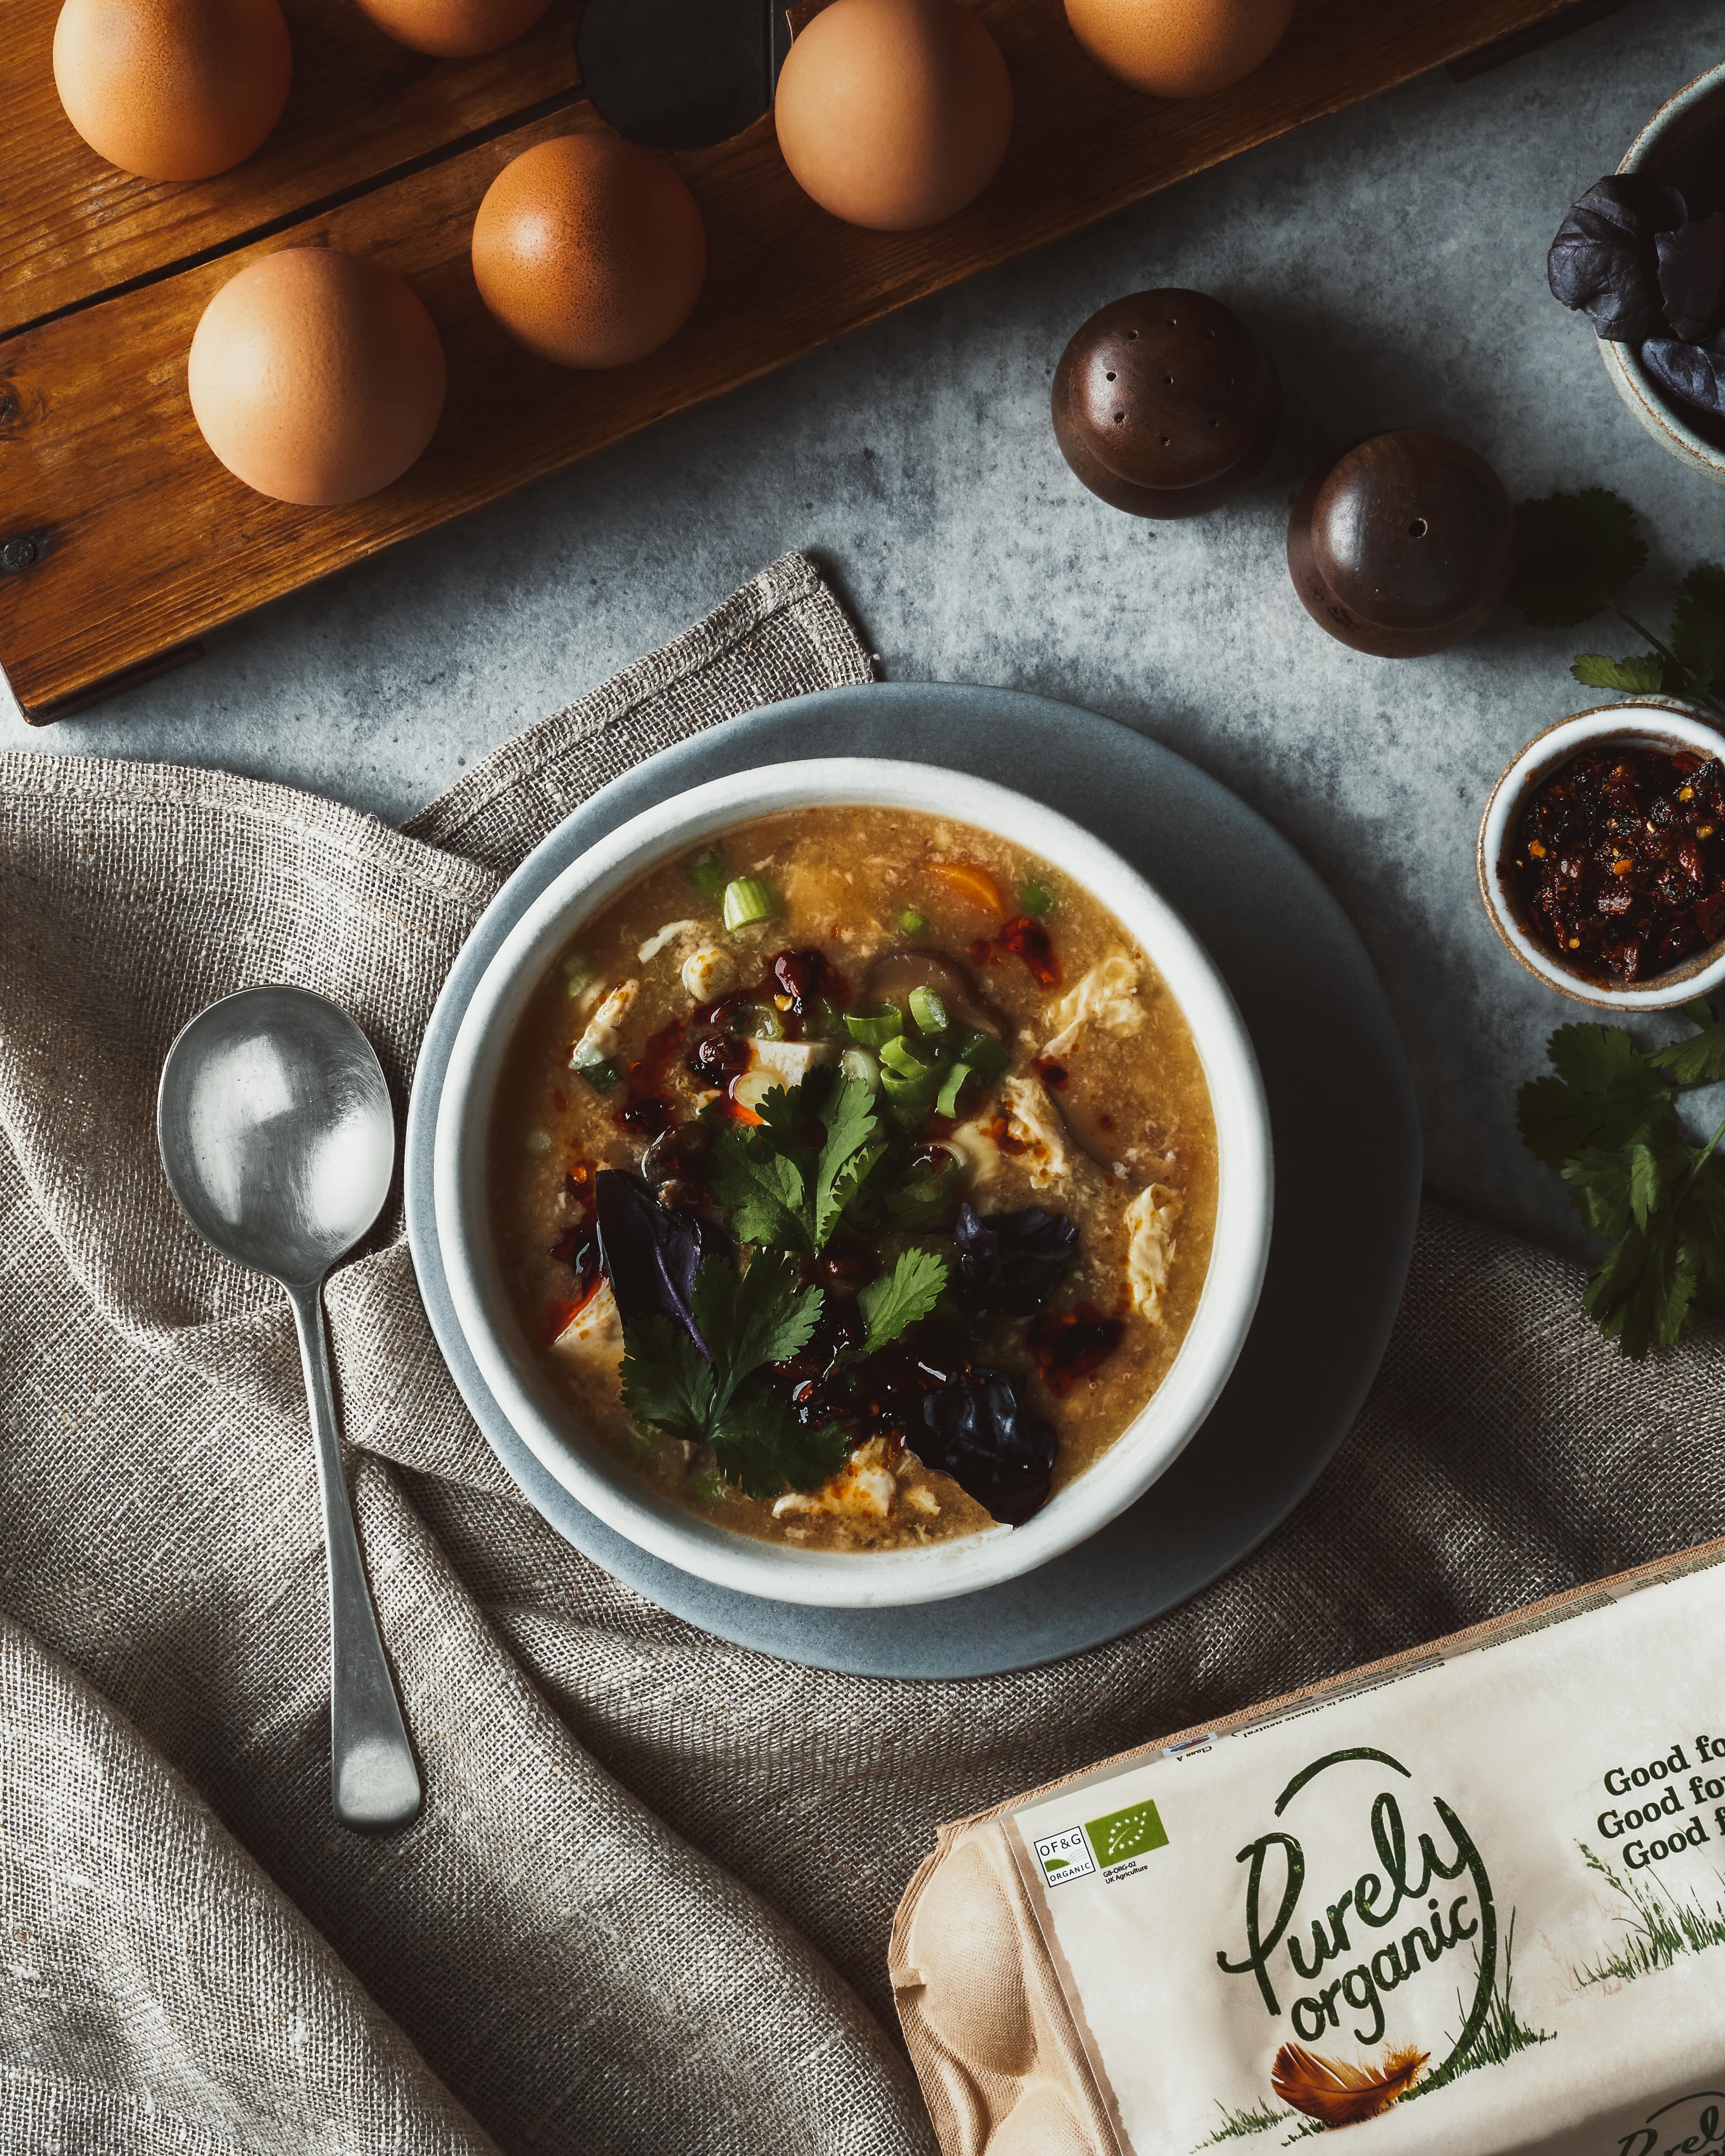 Egg Drop Hot & Sour Soup